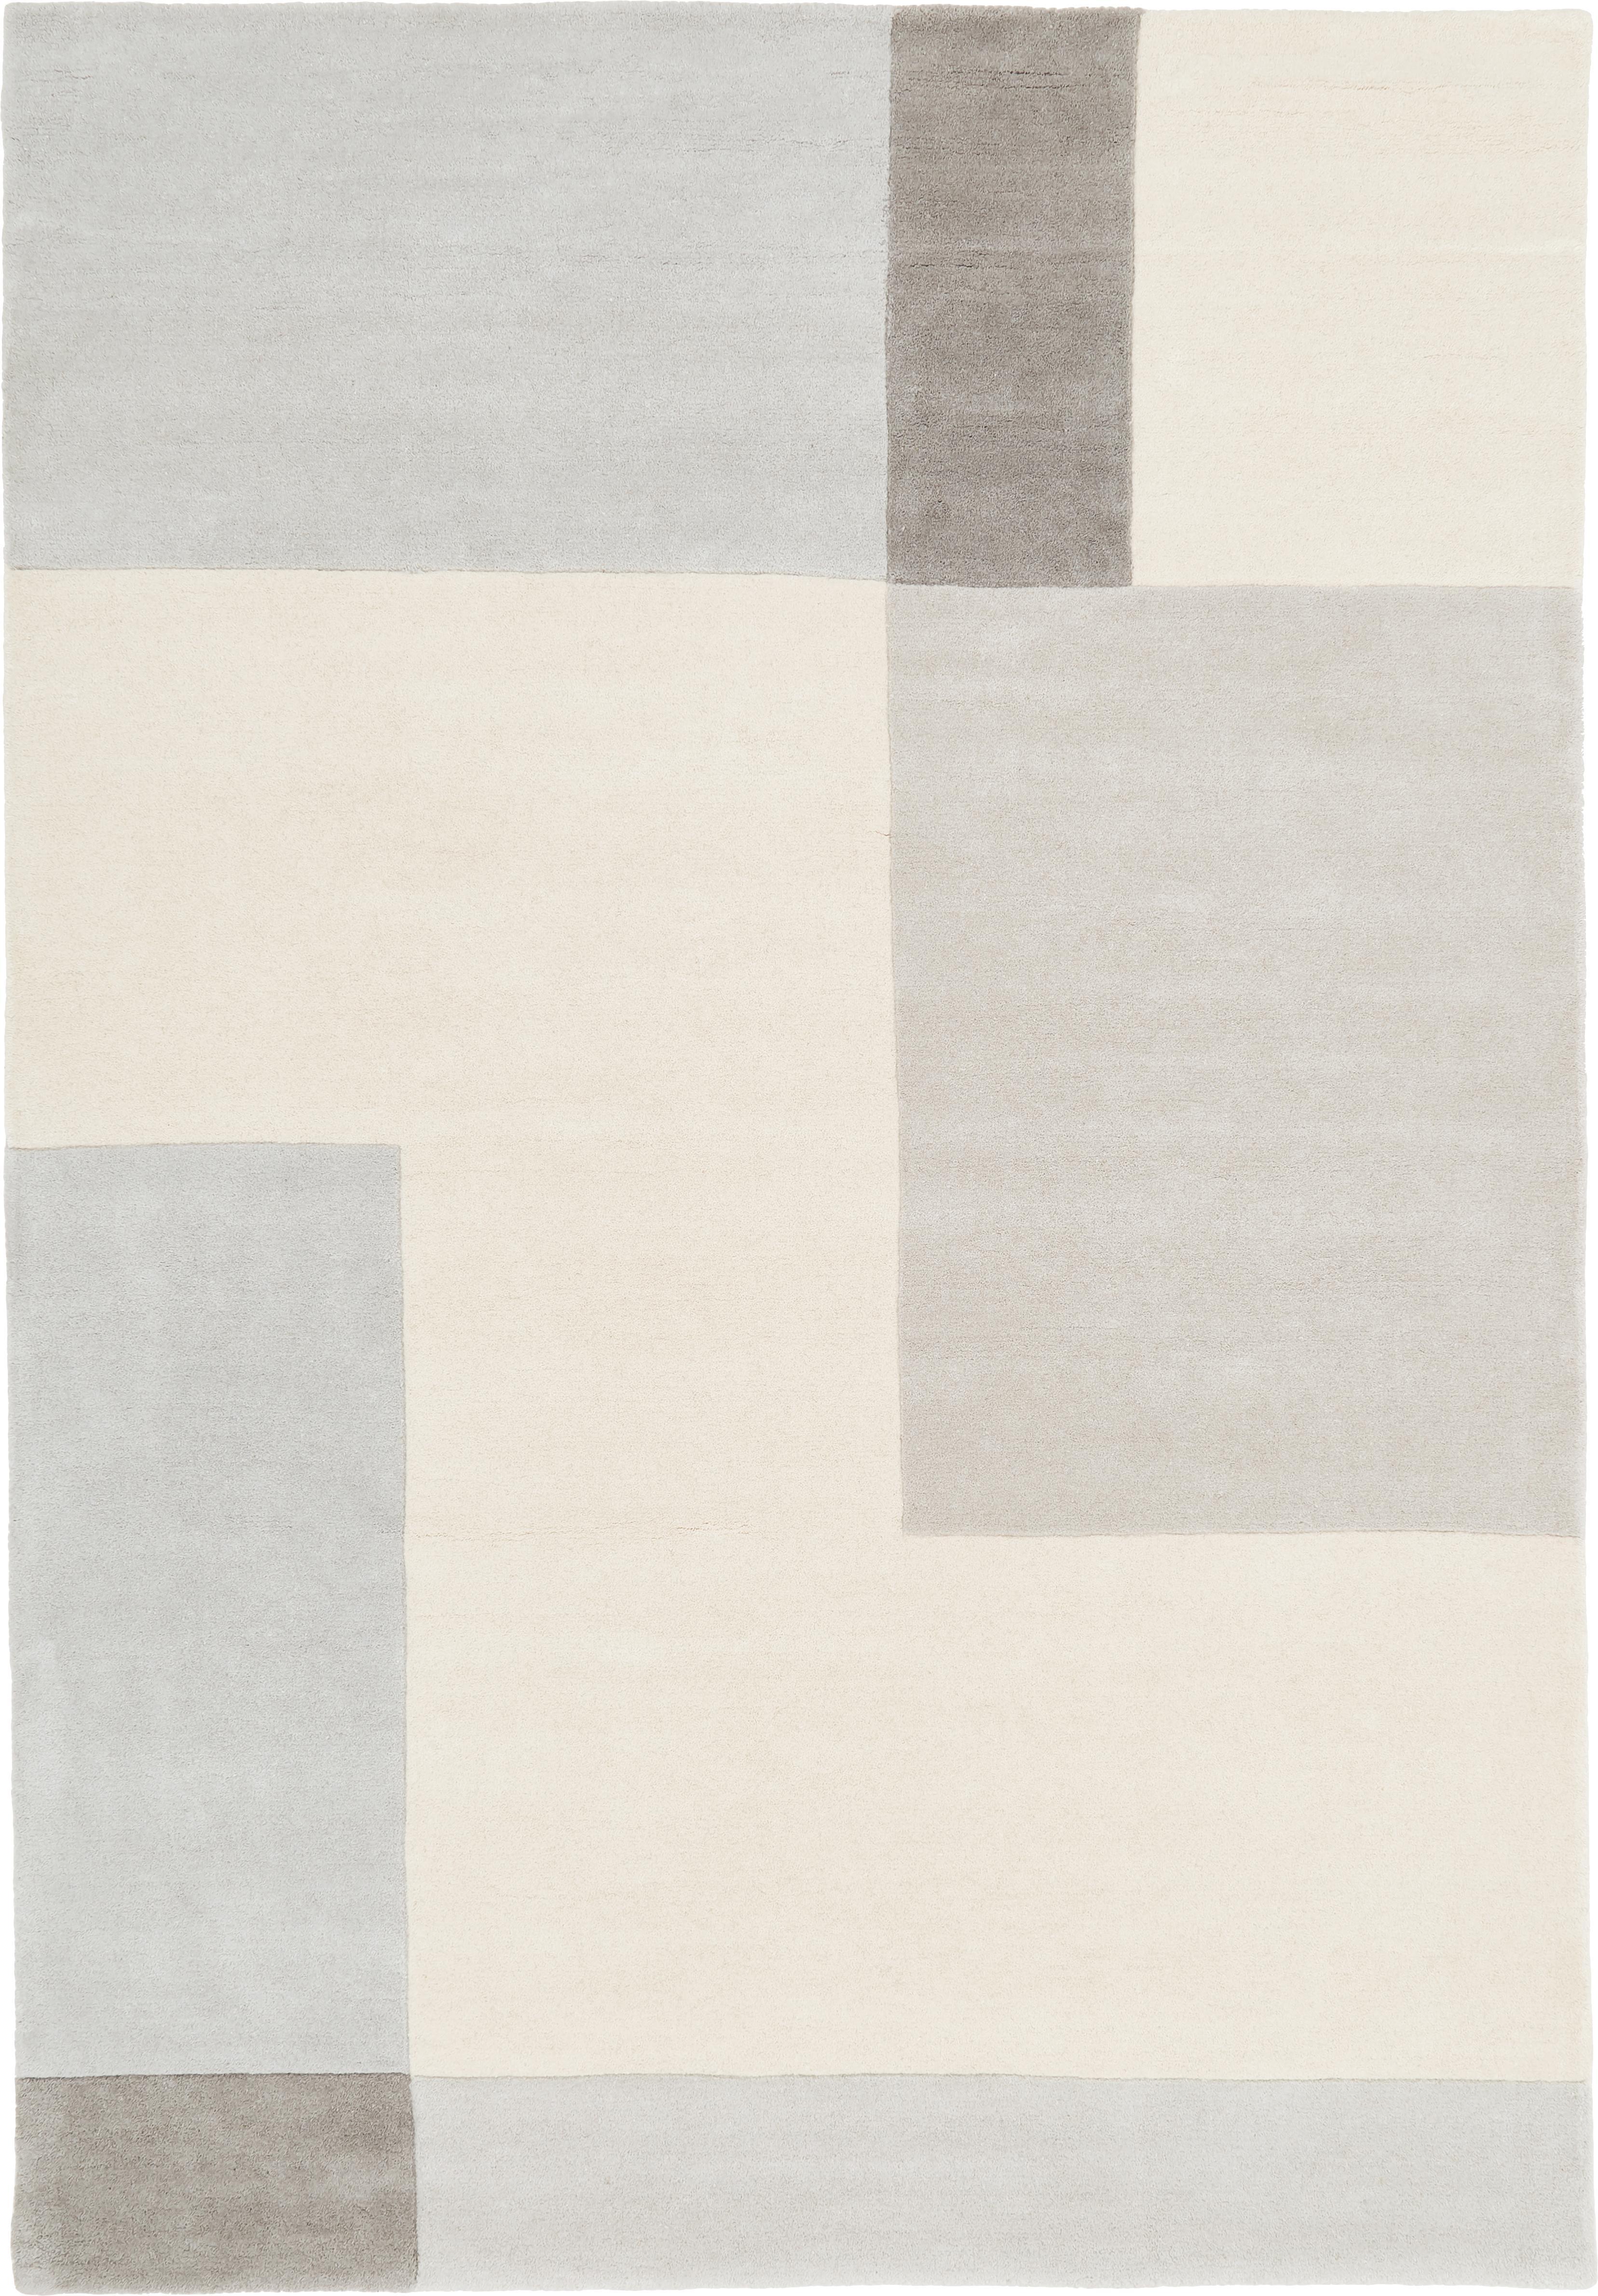 Handgetufteter Wollteppich Keith mit geometrischem Muster, Flor: 100% Wolle, Beige, Grau, B 160 x L 230 cm (Größe M)